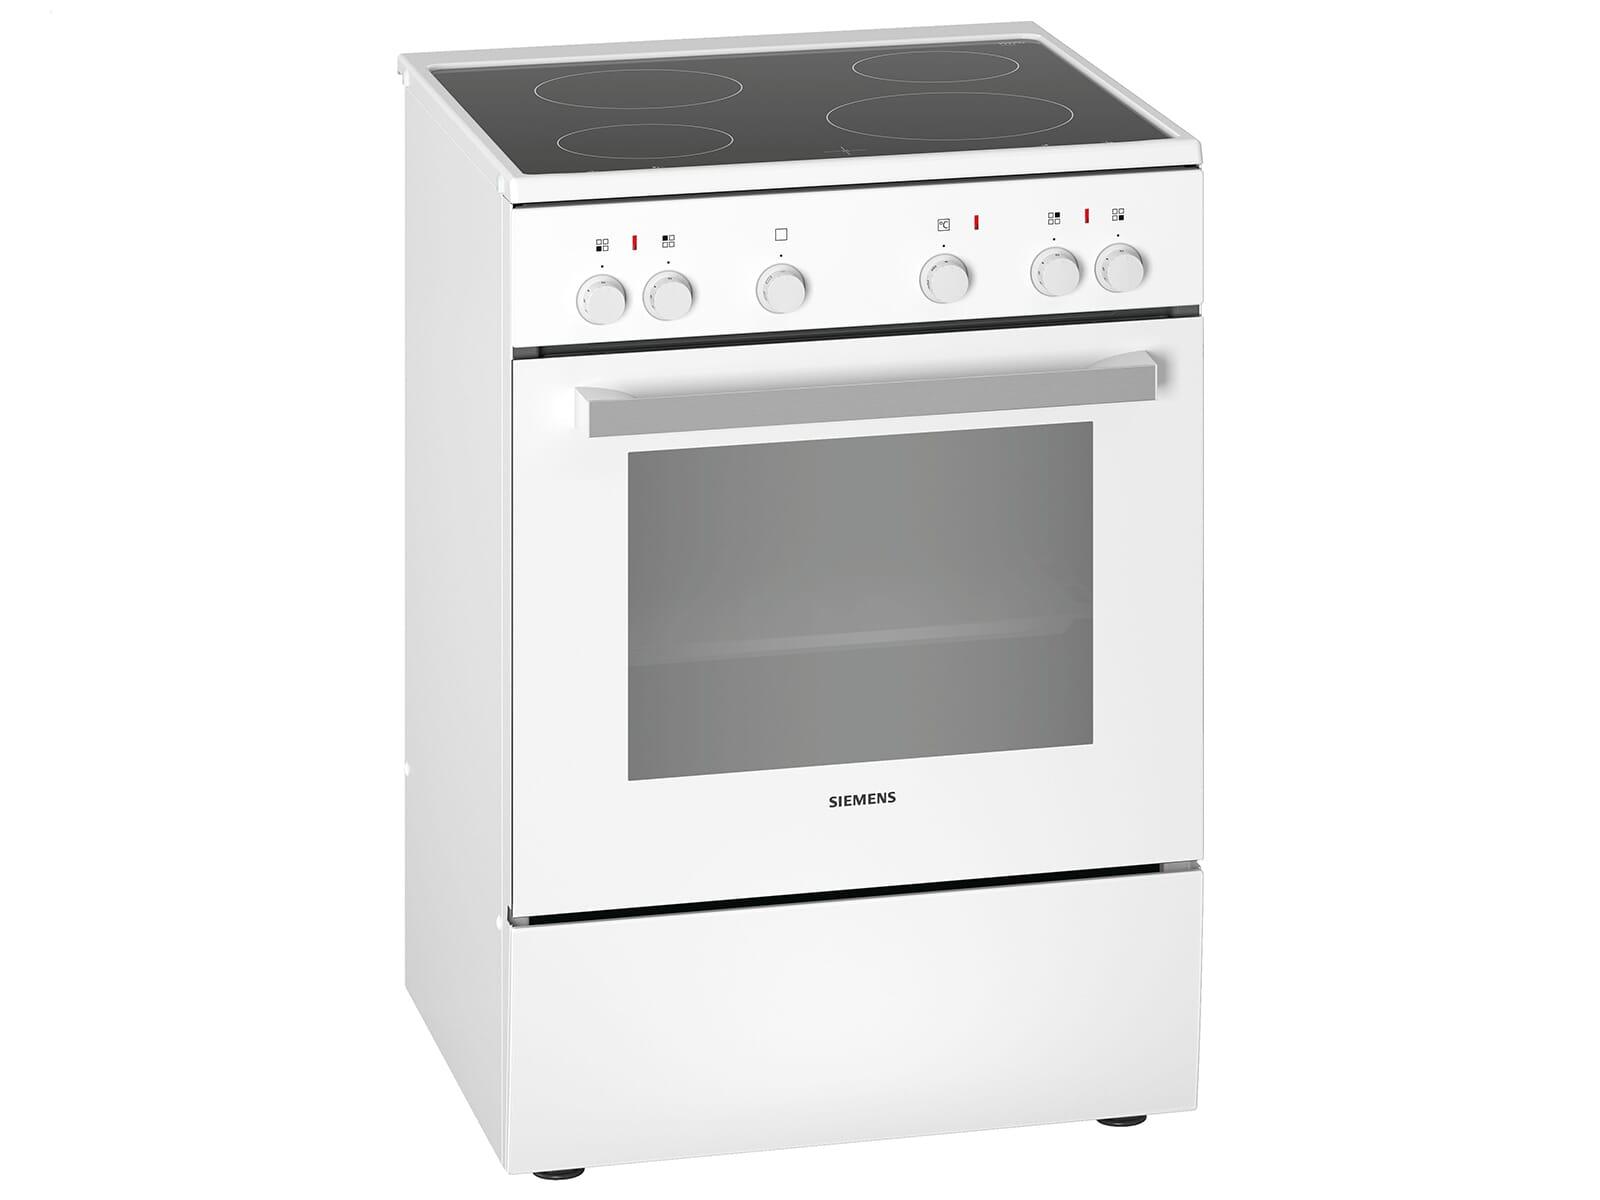 Siemens HK5P00020 Standherd Weiß